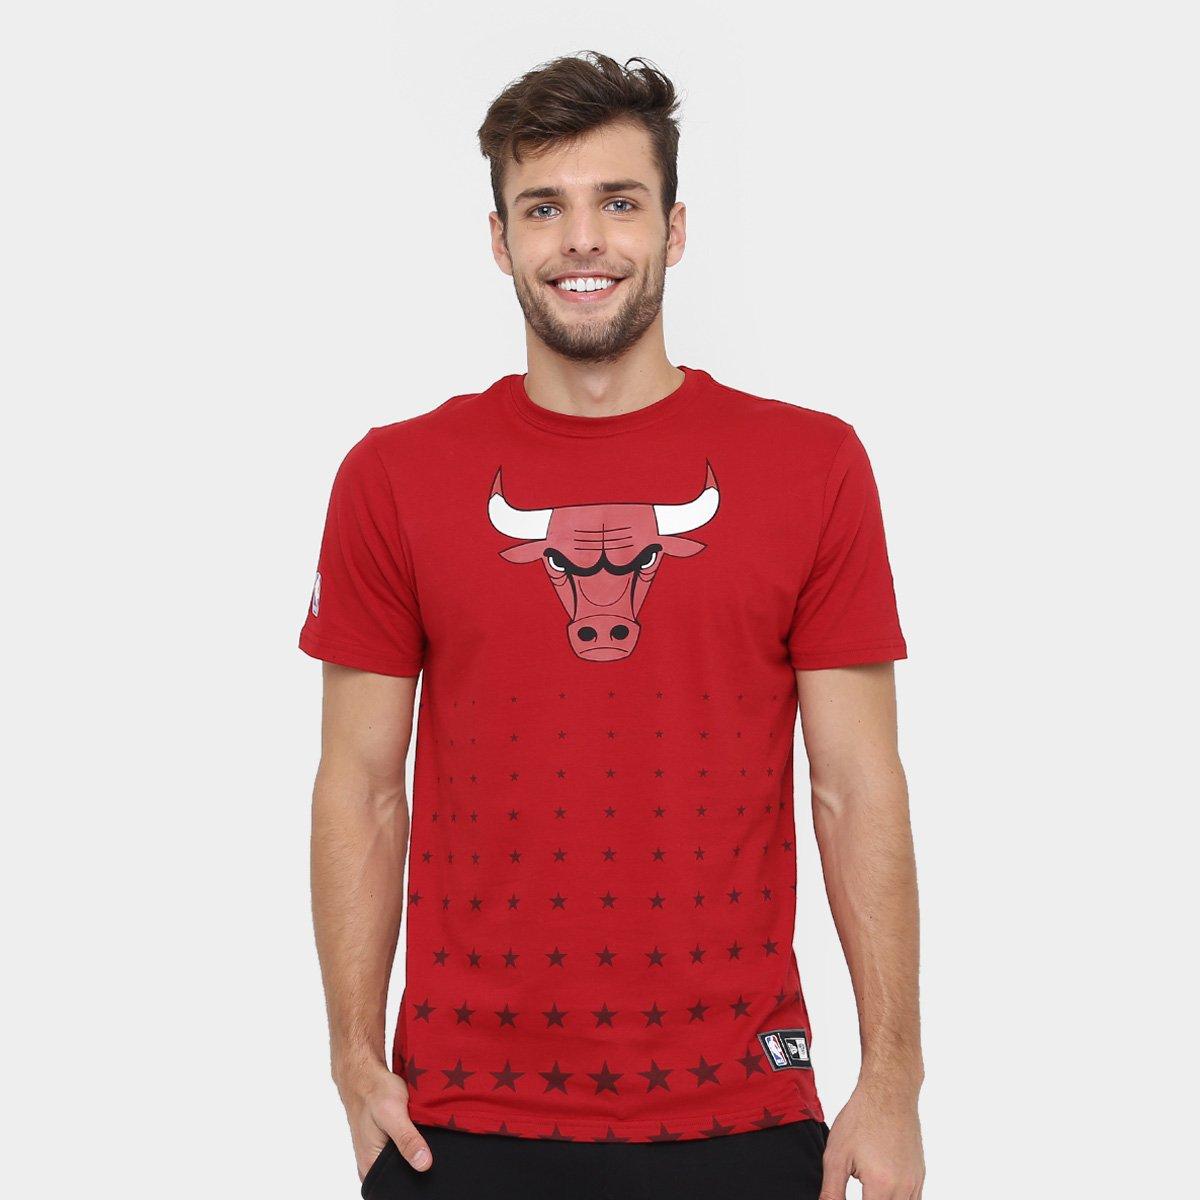 Camiseta New Era NBA Constallation Chicago Bulls - Vermelho - Compre ... 1c53a74b00d